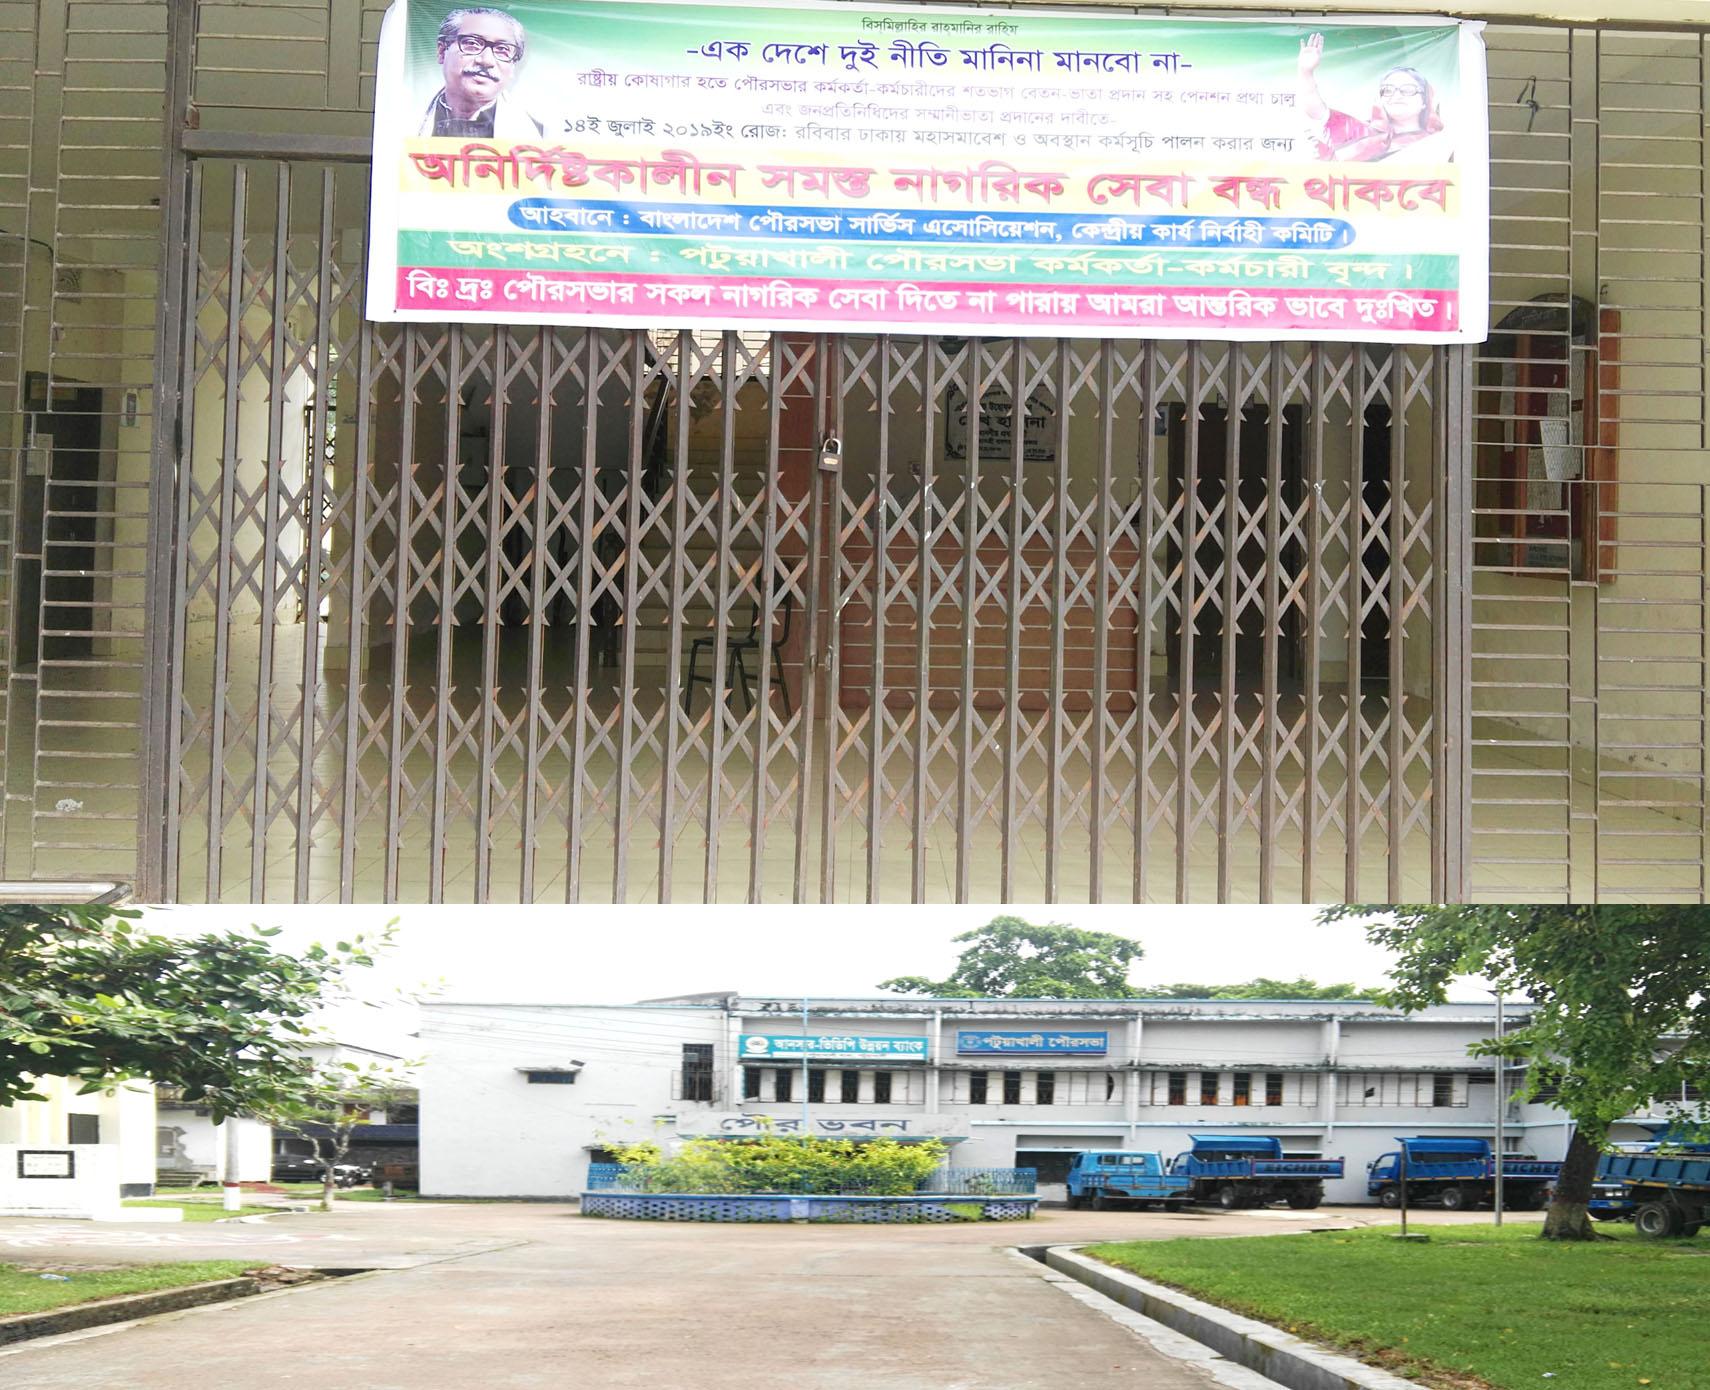 পটুয়াখালী পৌরসভা কার্যালয়ে তালা সেবা থেকে 'বঞ্চিত পৌর নাগরিকবৃন্দ'